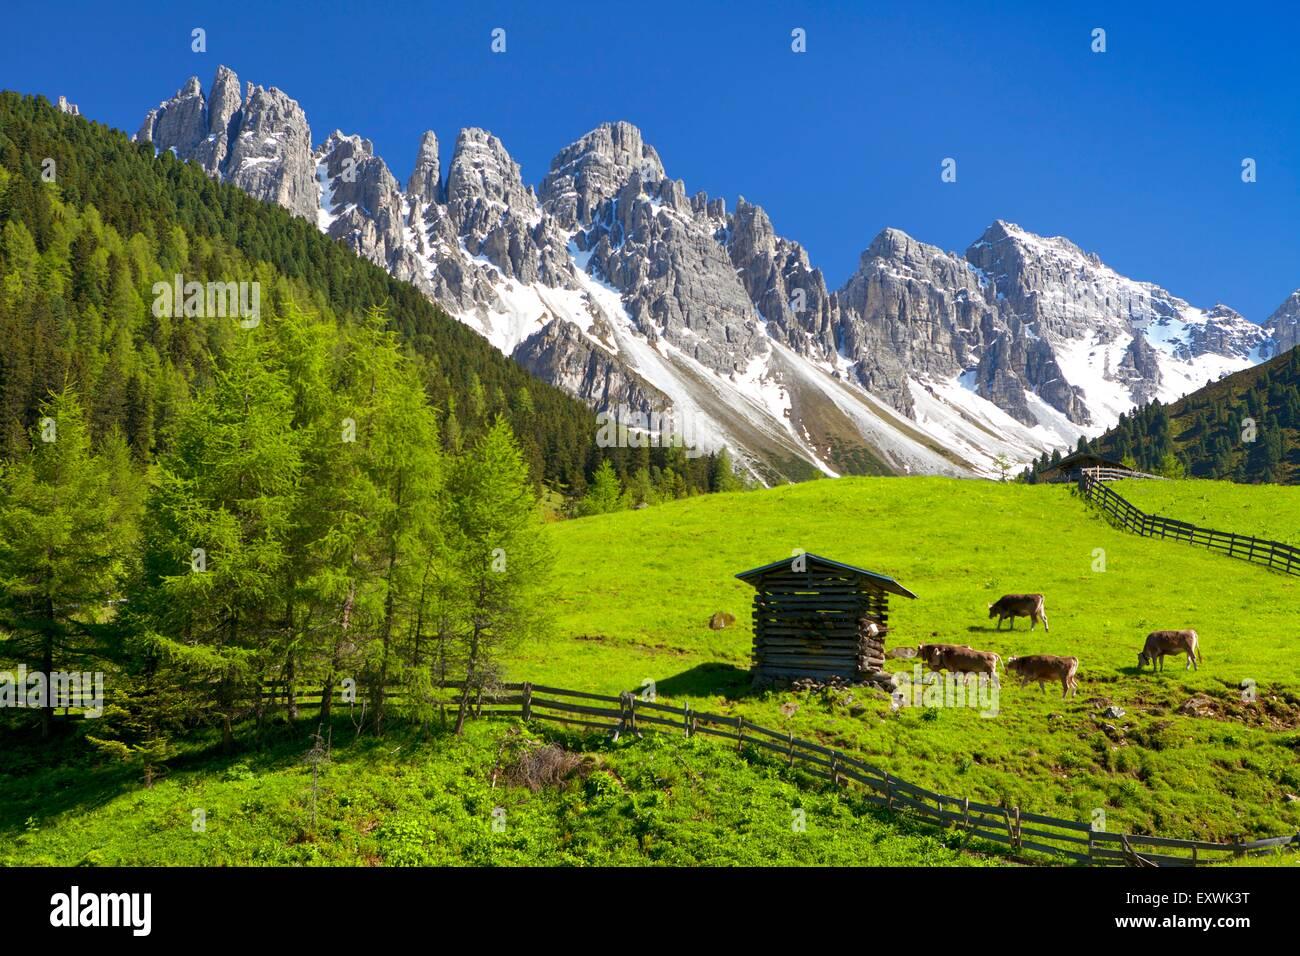 Alpine pasture at Kalkkoegel, Tyrol, Austria Stock Photo